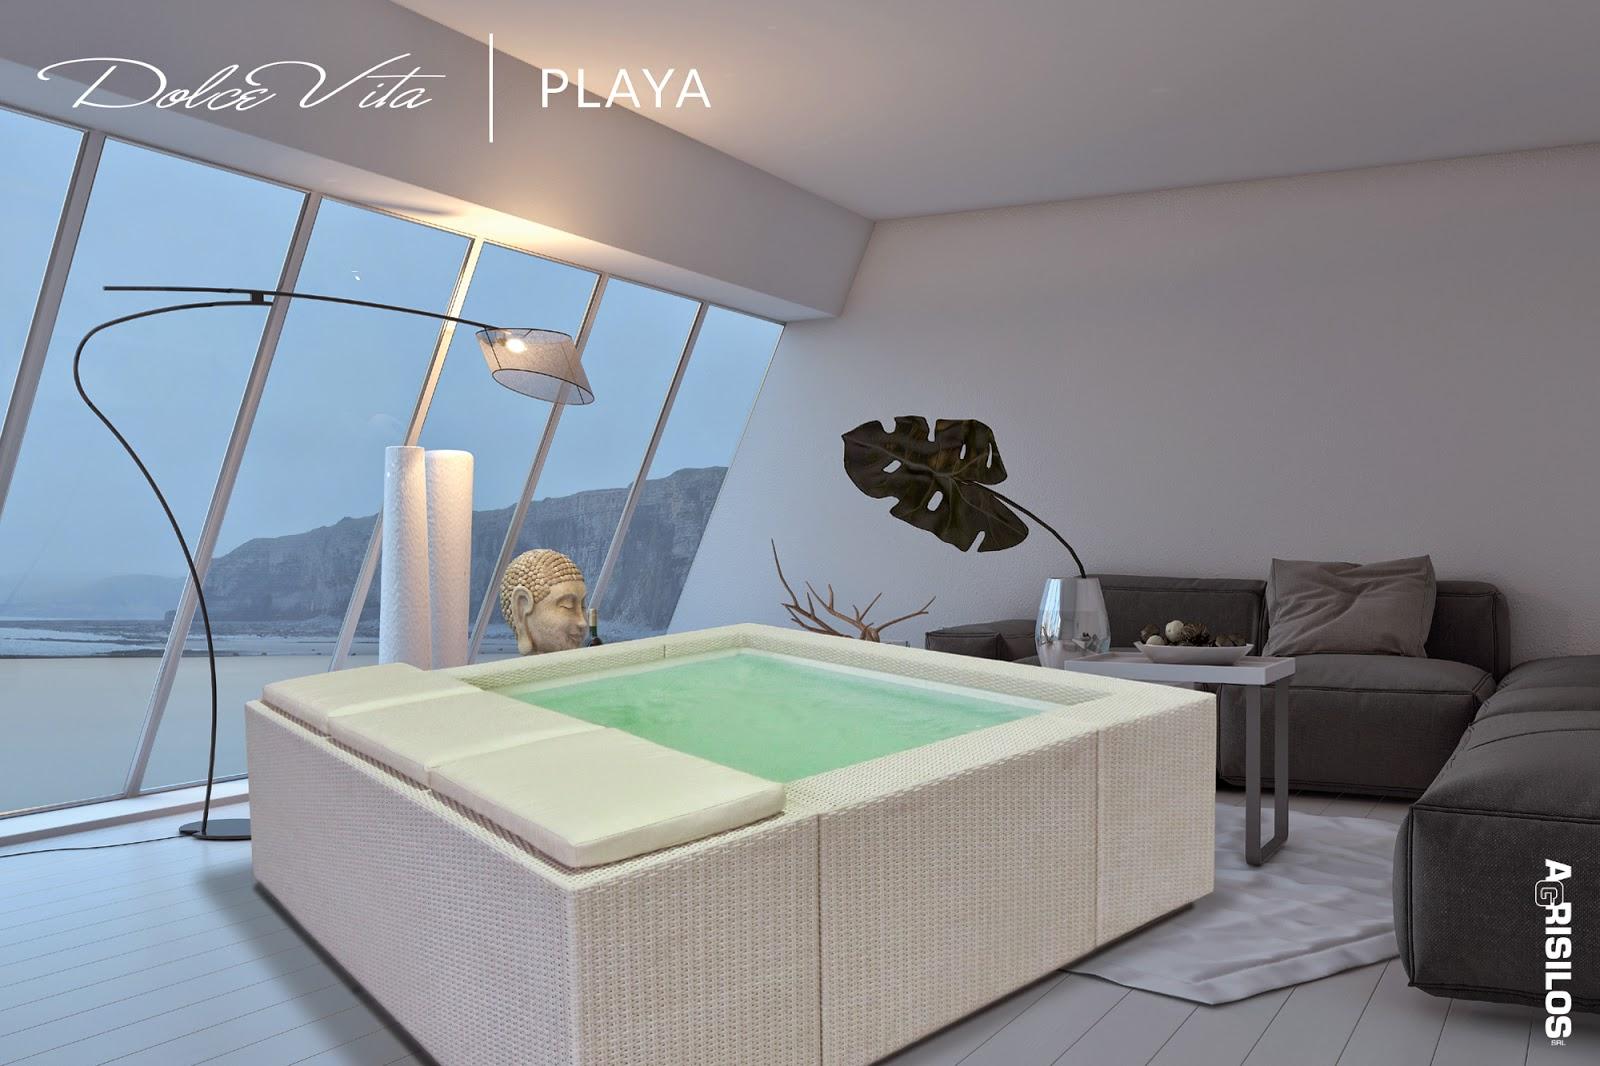 Piscine laghetto news blog nuova laghetto dolcevita playa for Accessori laghetto